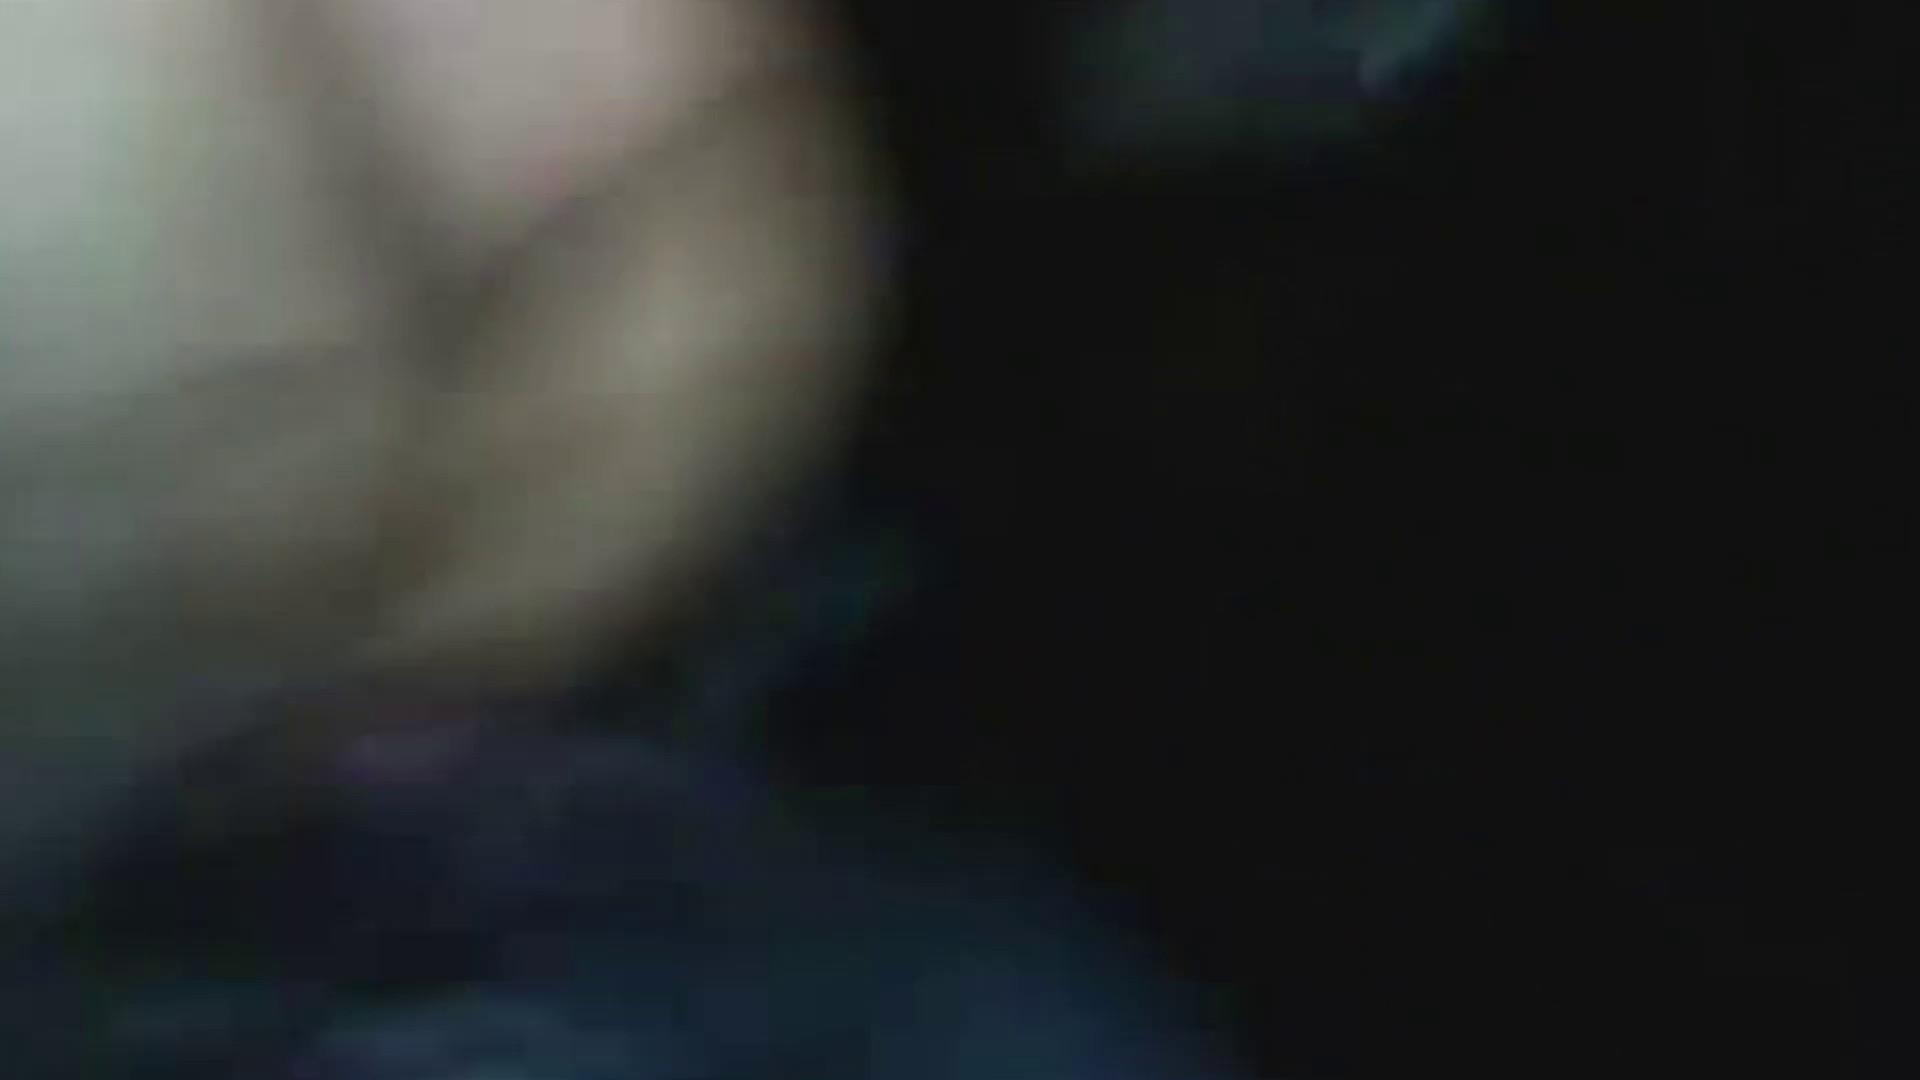 暗がりの細マッチョオナニー ゲイのオナニー映像 | マッチョ  76枚 13